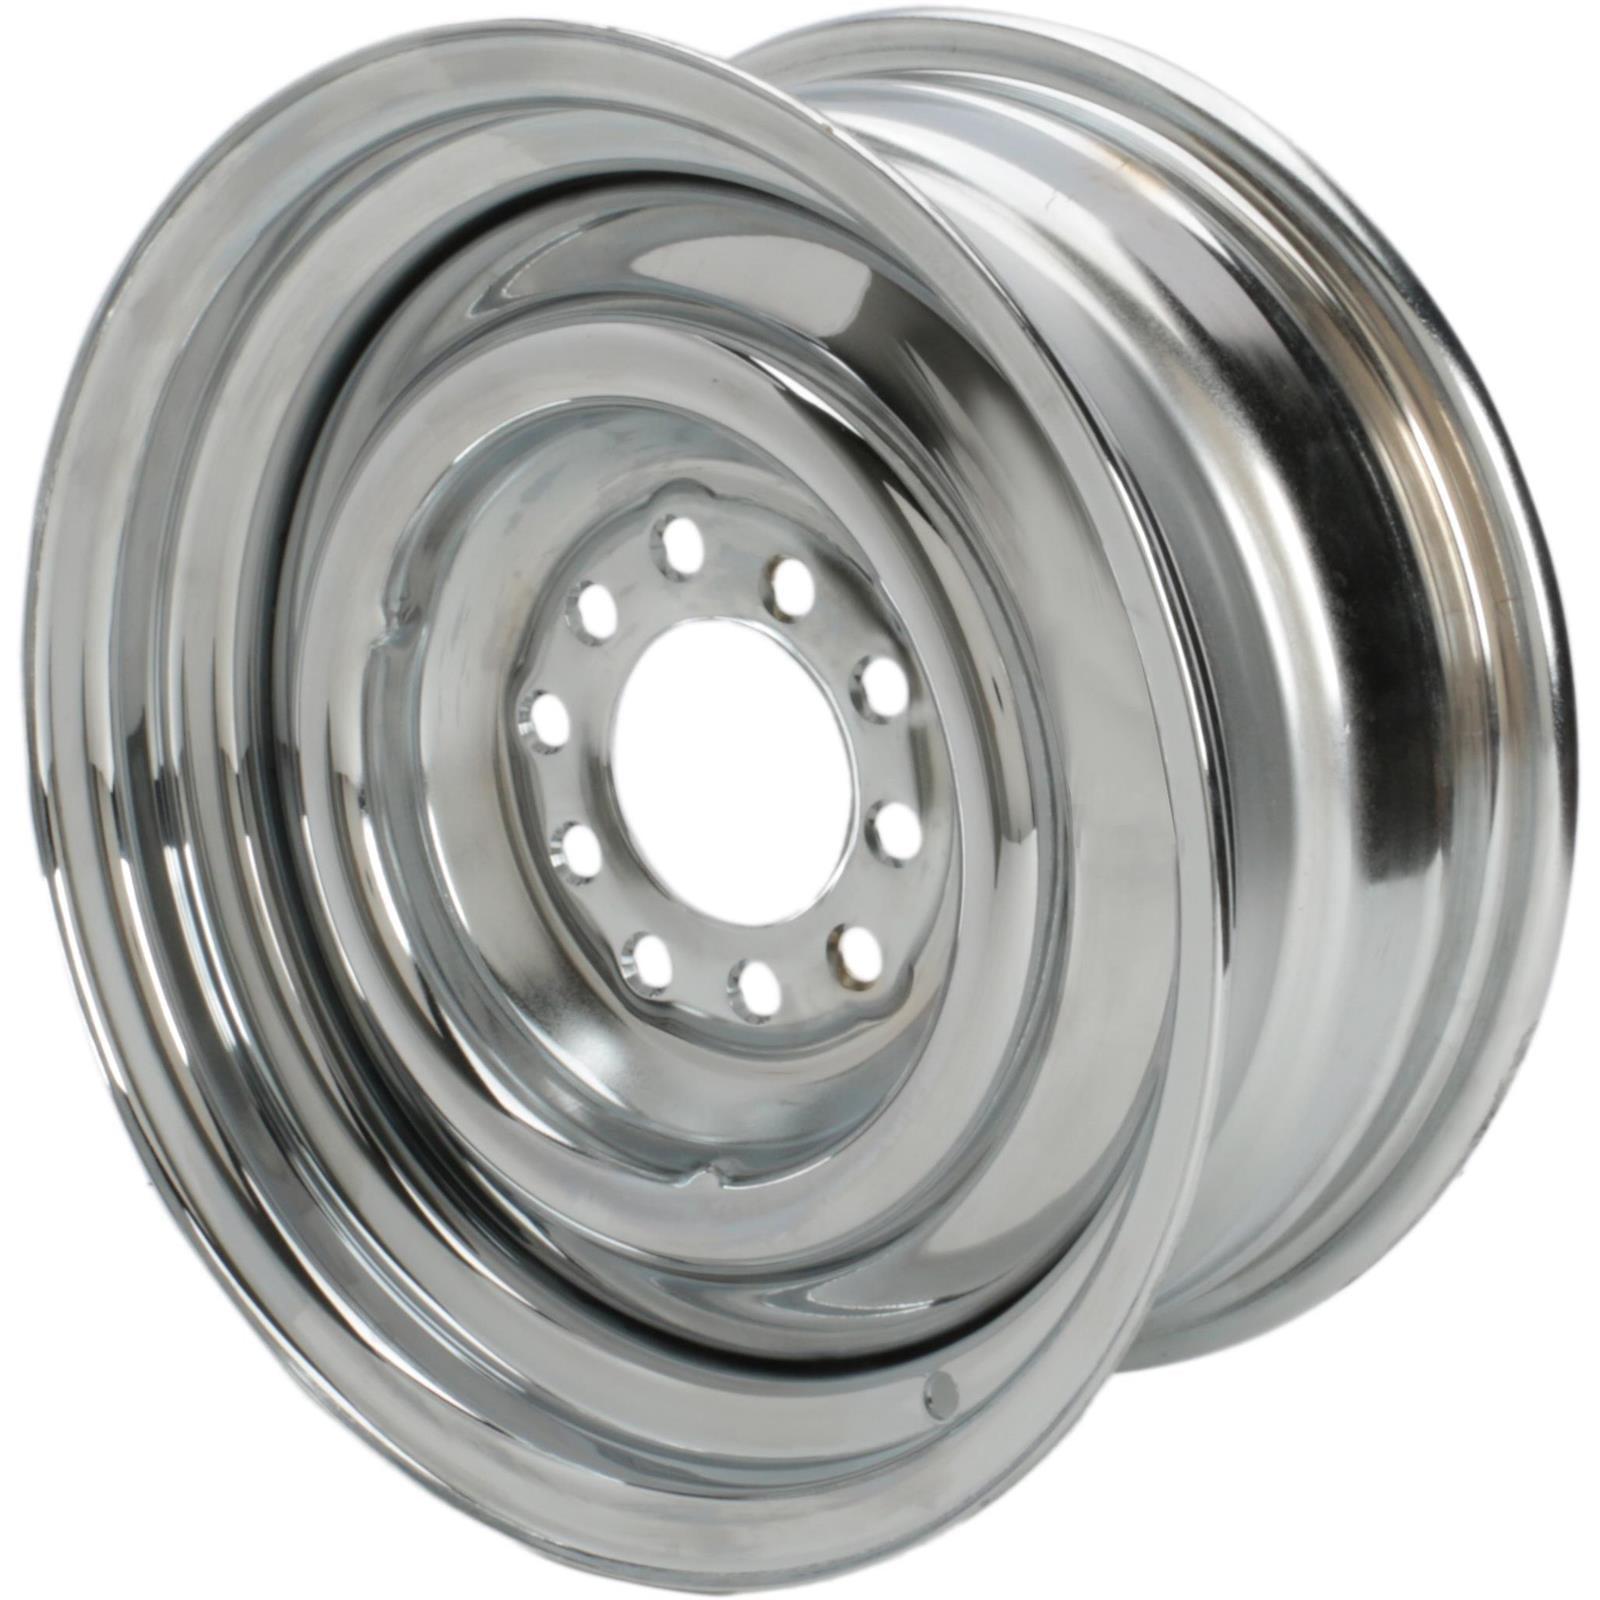 Speedway Smoothie 14x6  Steel Wheel, 5 on 4.5/4.75, 3.75 BS